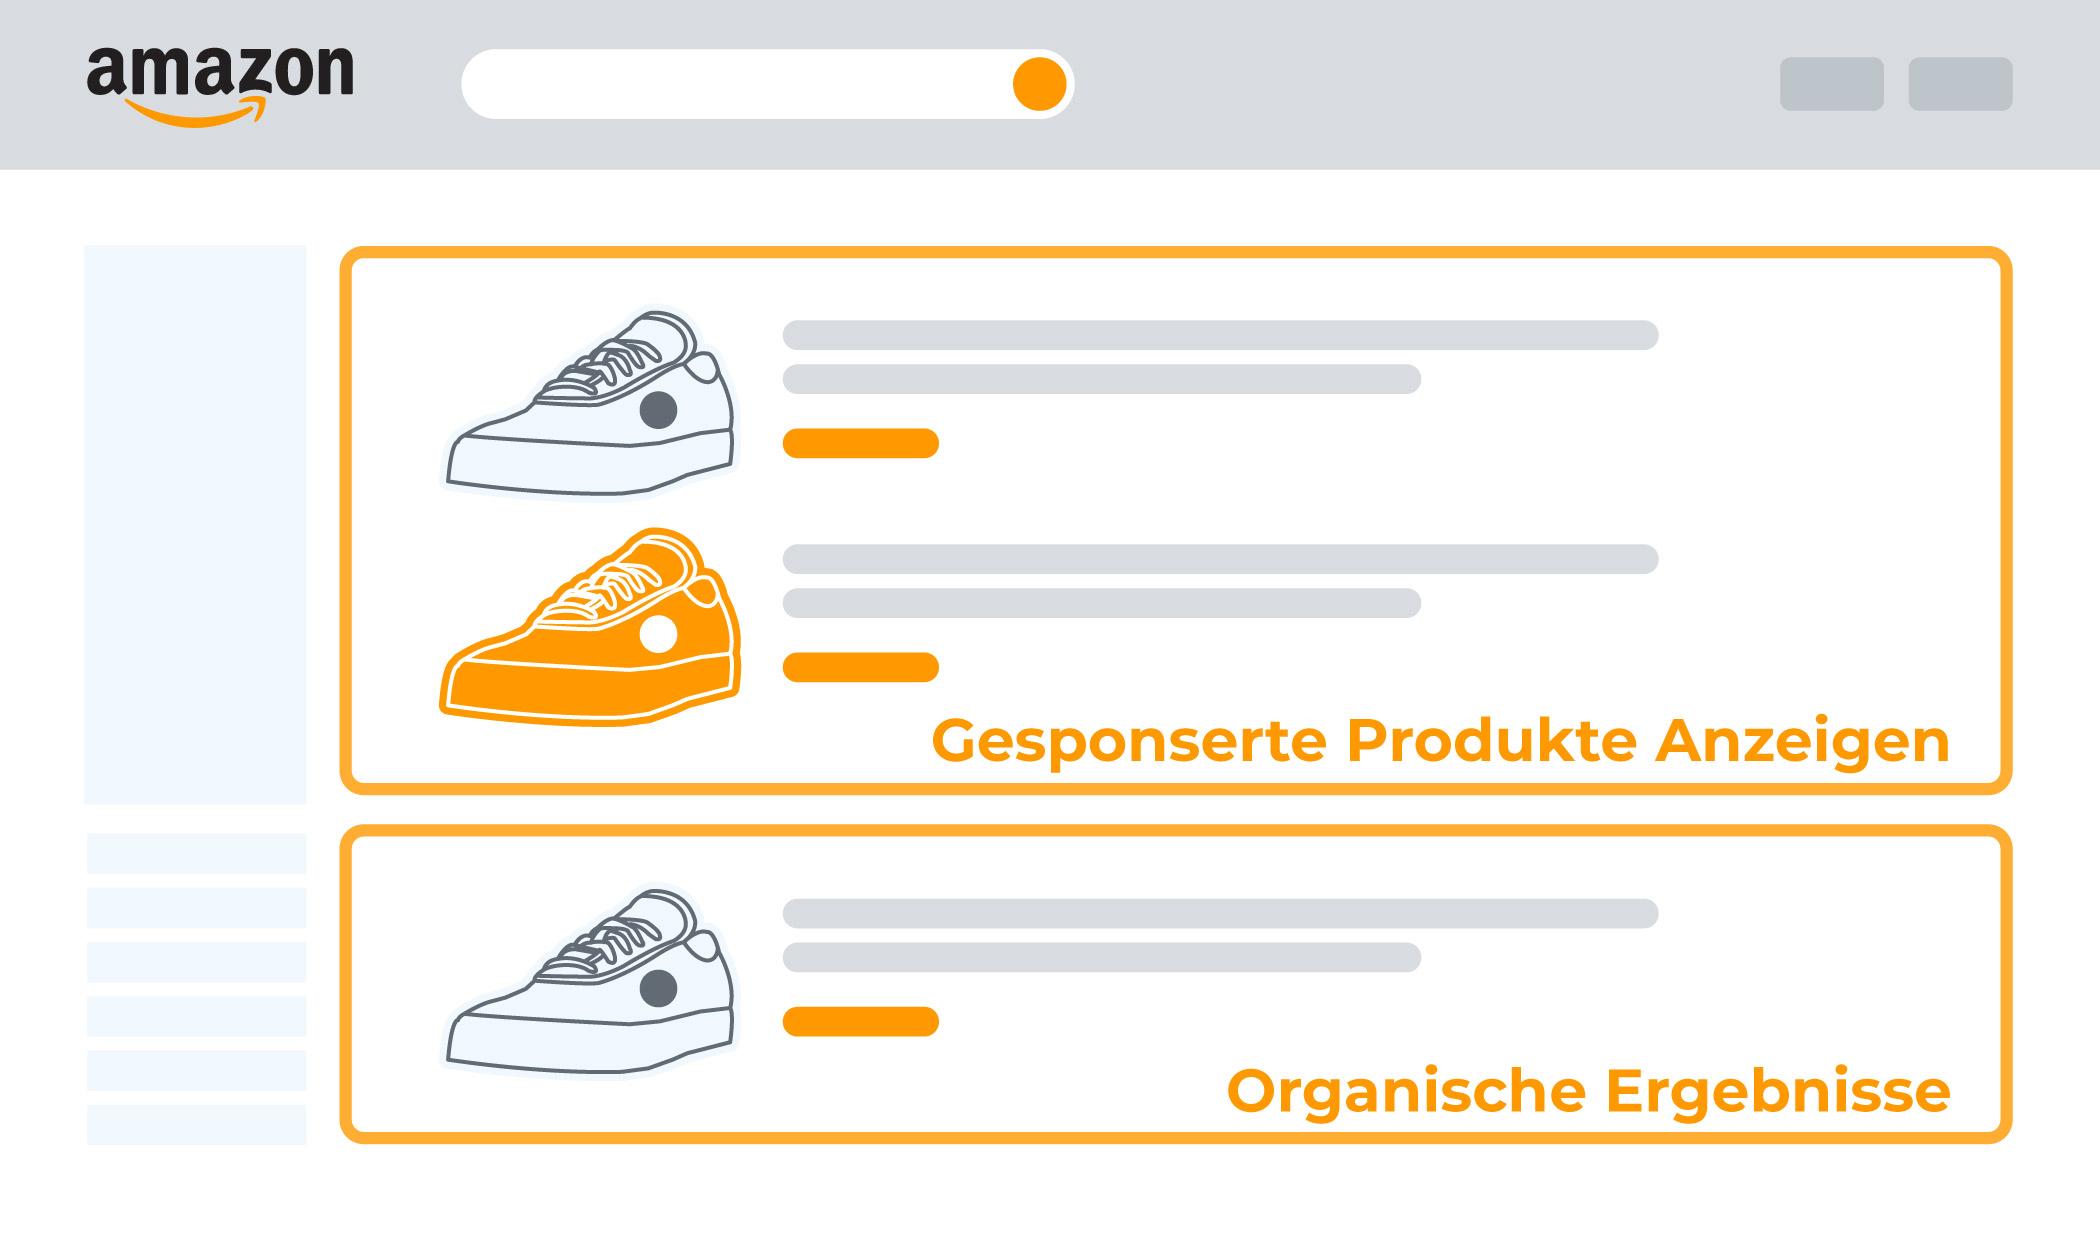 amazon gesponserte produkte anzeigen im suchergebnis - Amazon Bewerbung